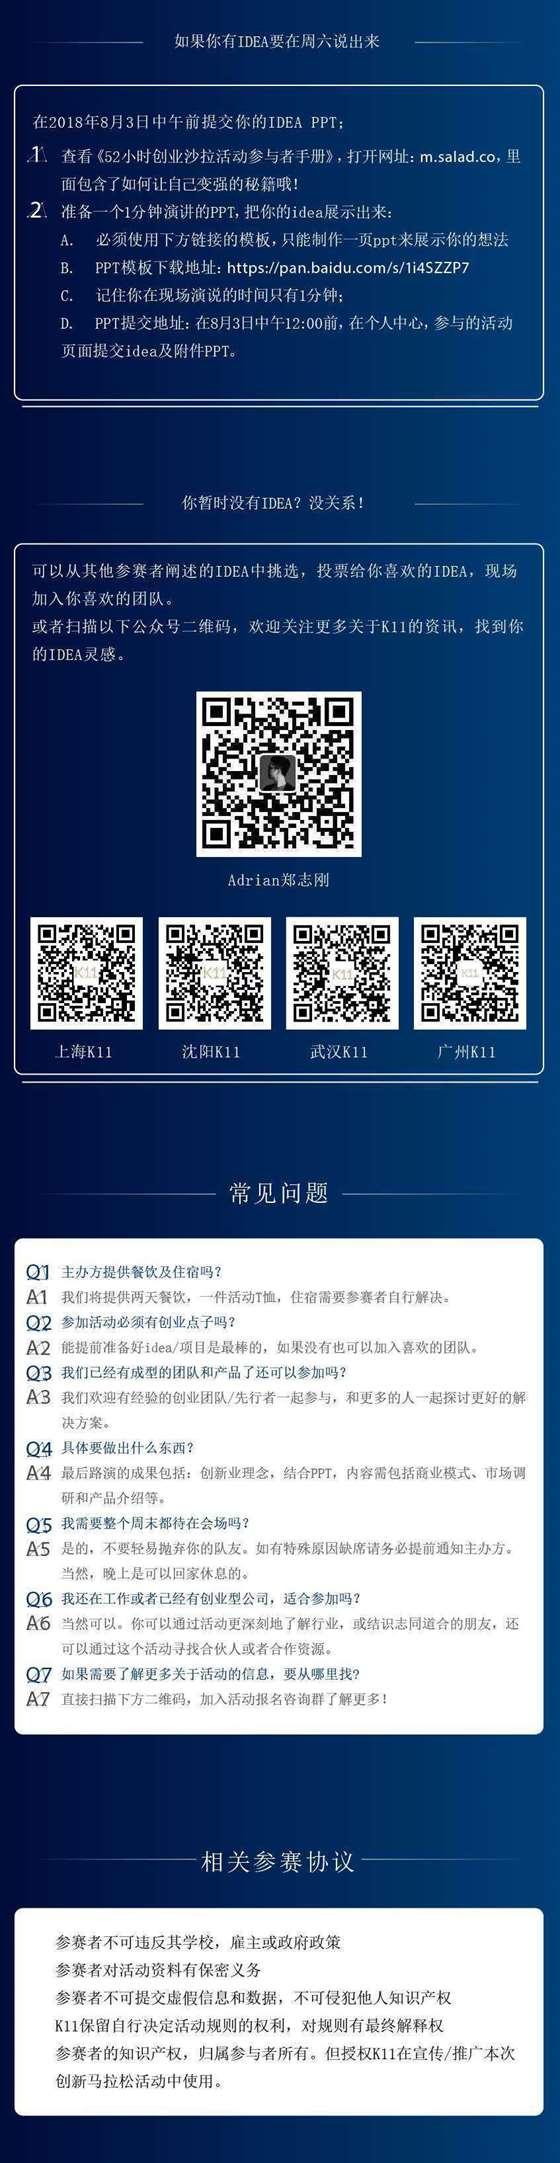 上海赛区活动页面-02.png